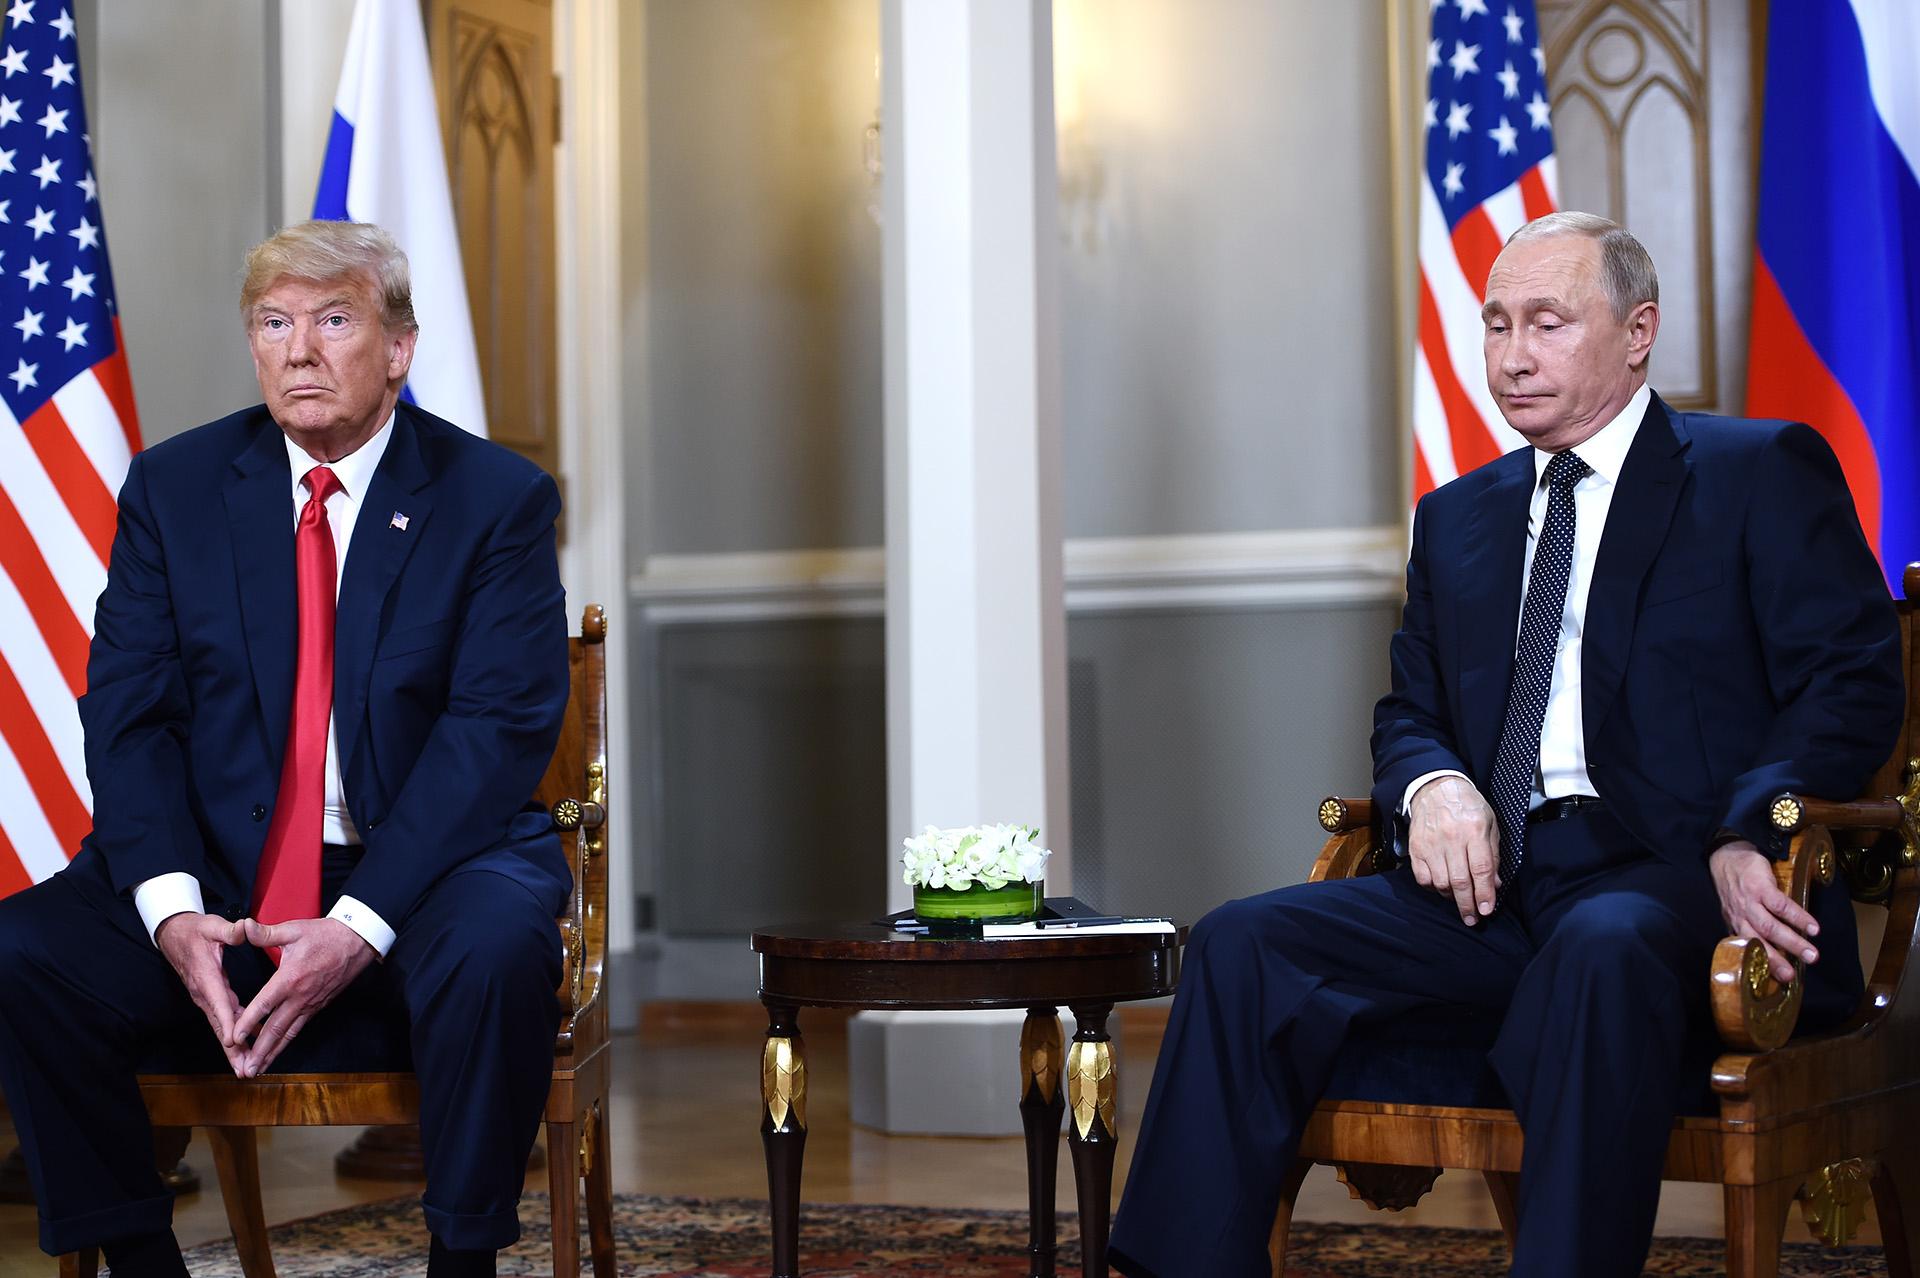 El presidente ruso Vladimir Putinjunto a Donald Trump en la cumbre celebrada en Helsinki, Finlandia, el pasado 16 de julio (Brendan SMIALOWSKI / AFP)